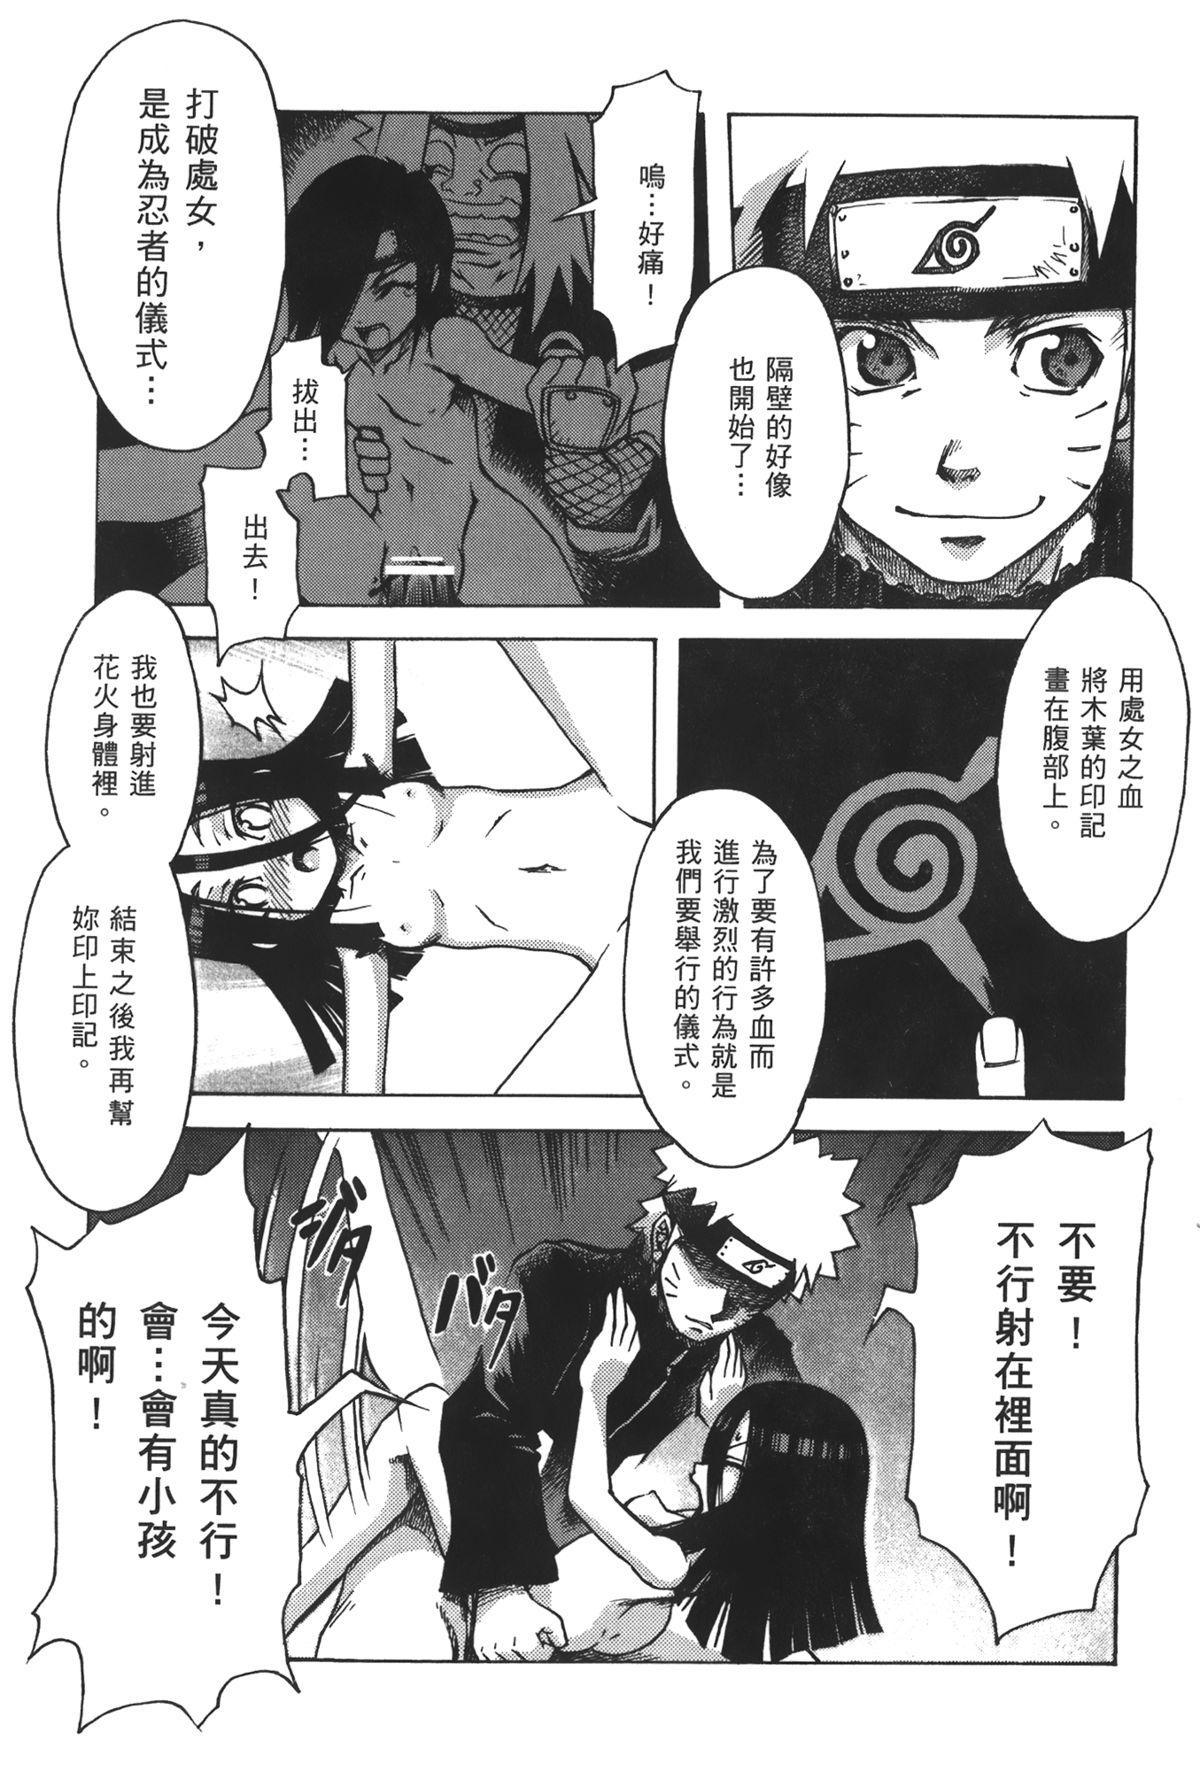 naruto ninja biography vol.09 89